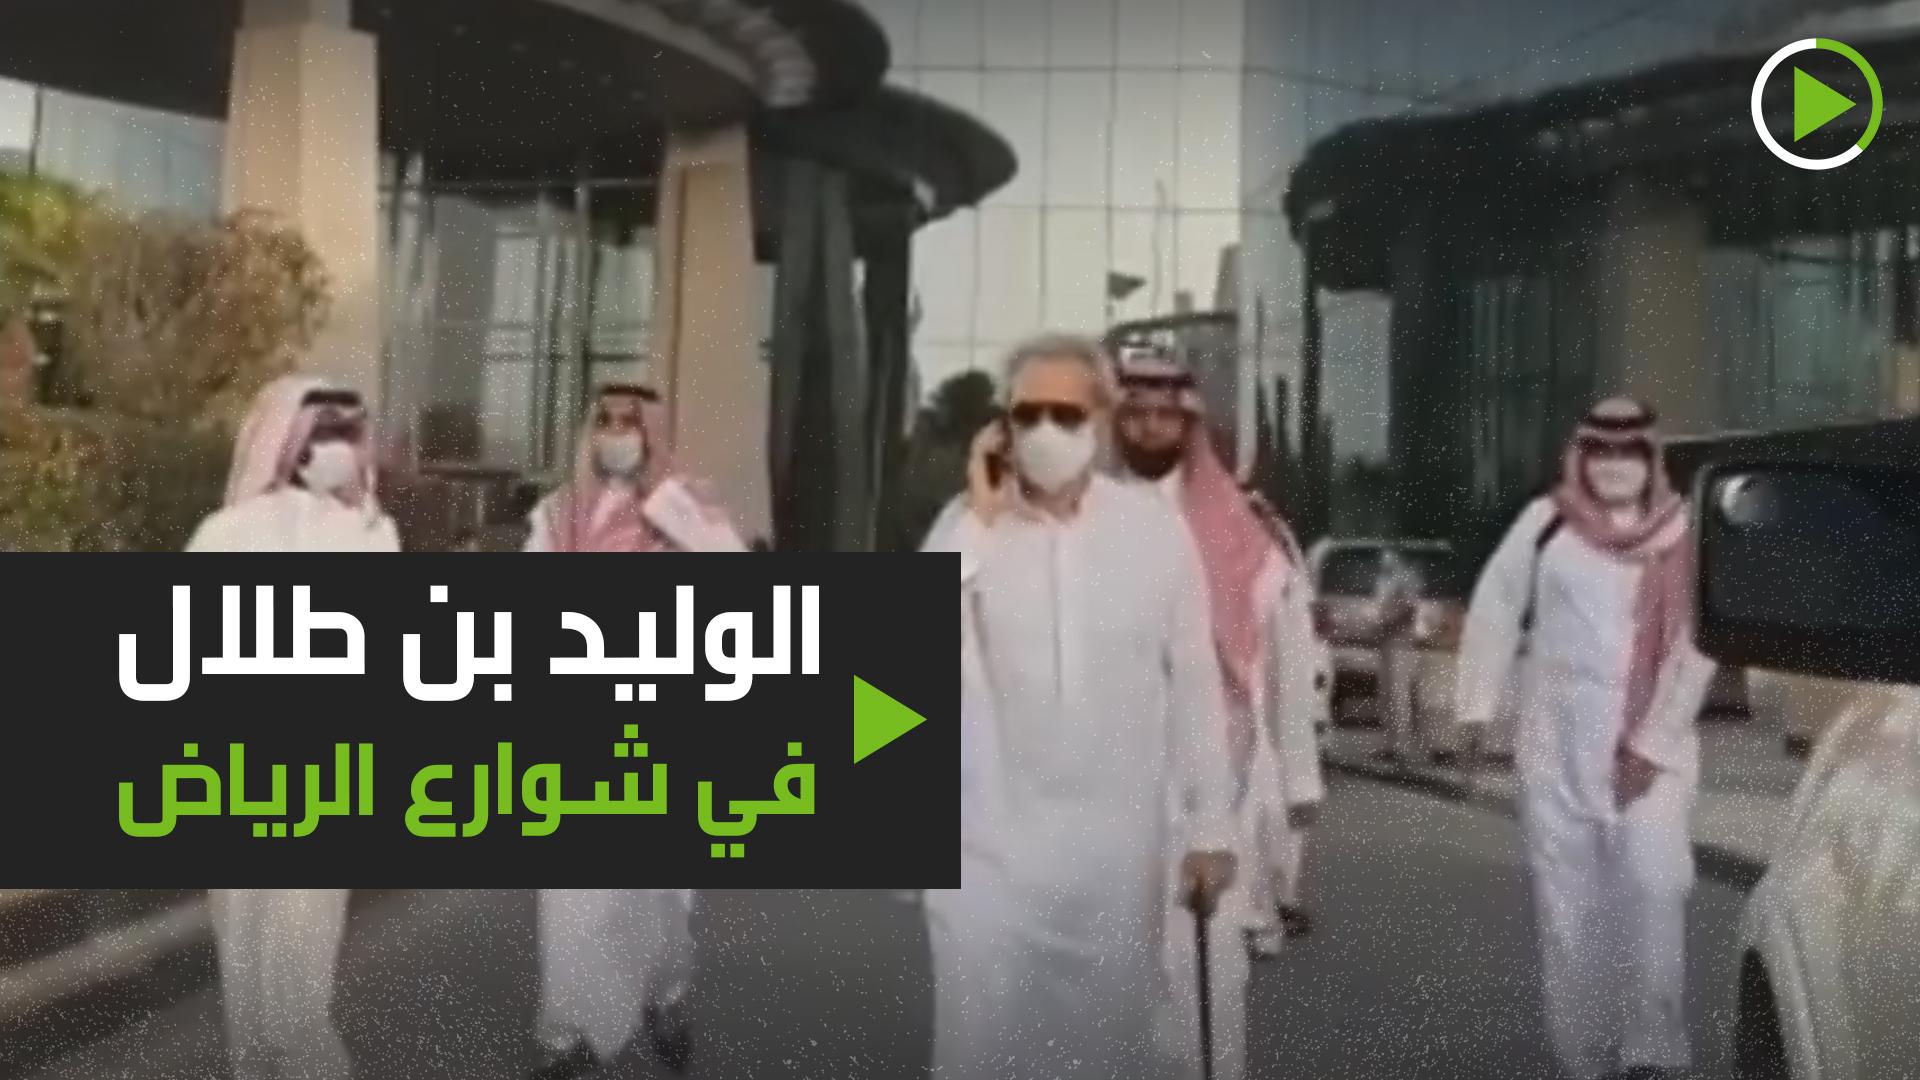 الوليد بن طلال في شوارع الرياض